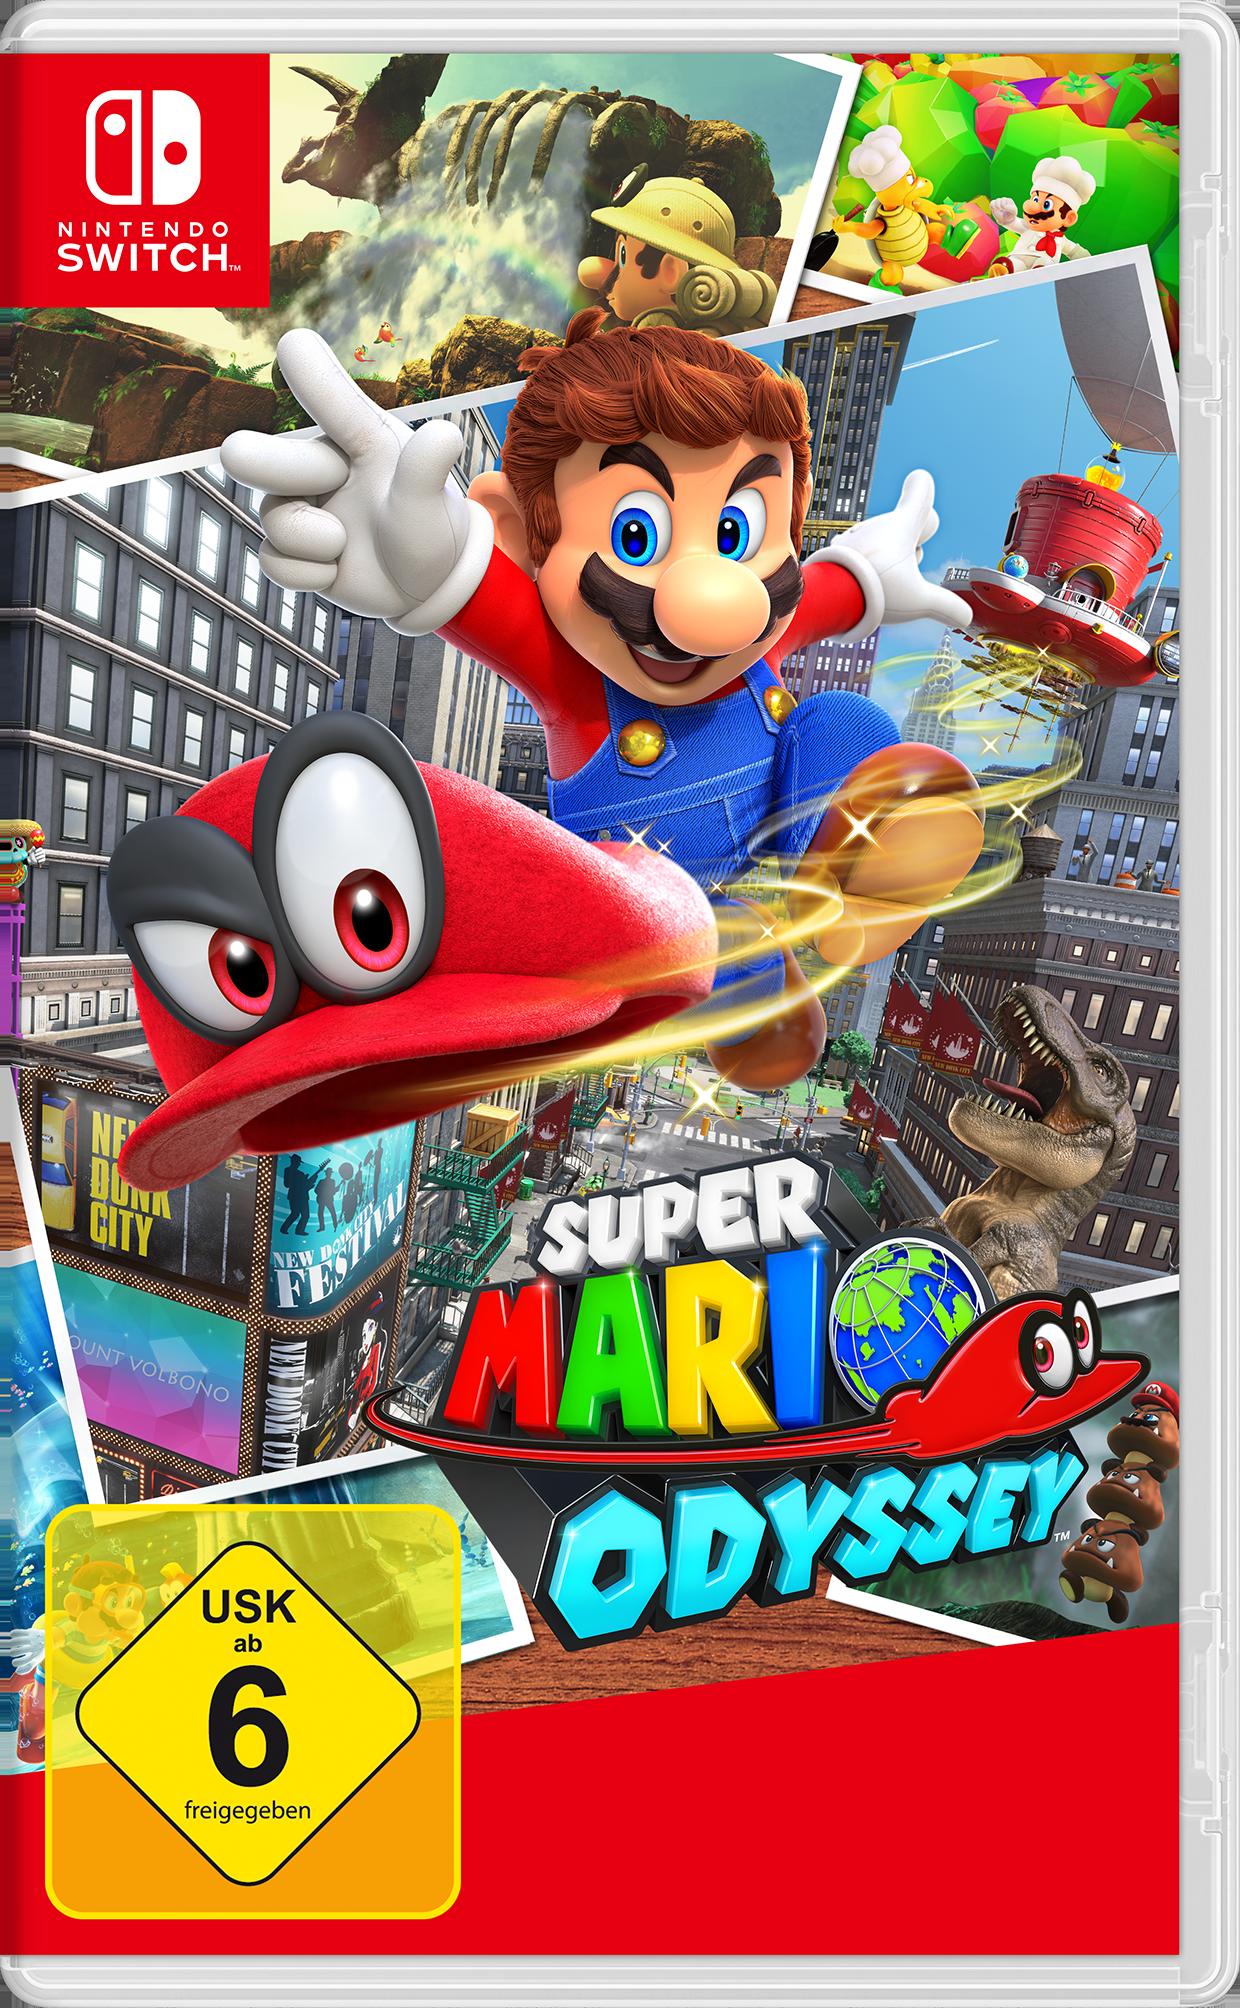 Super Mario Odyssey | MarioWiki | Fandom